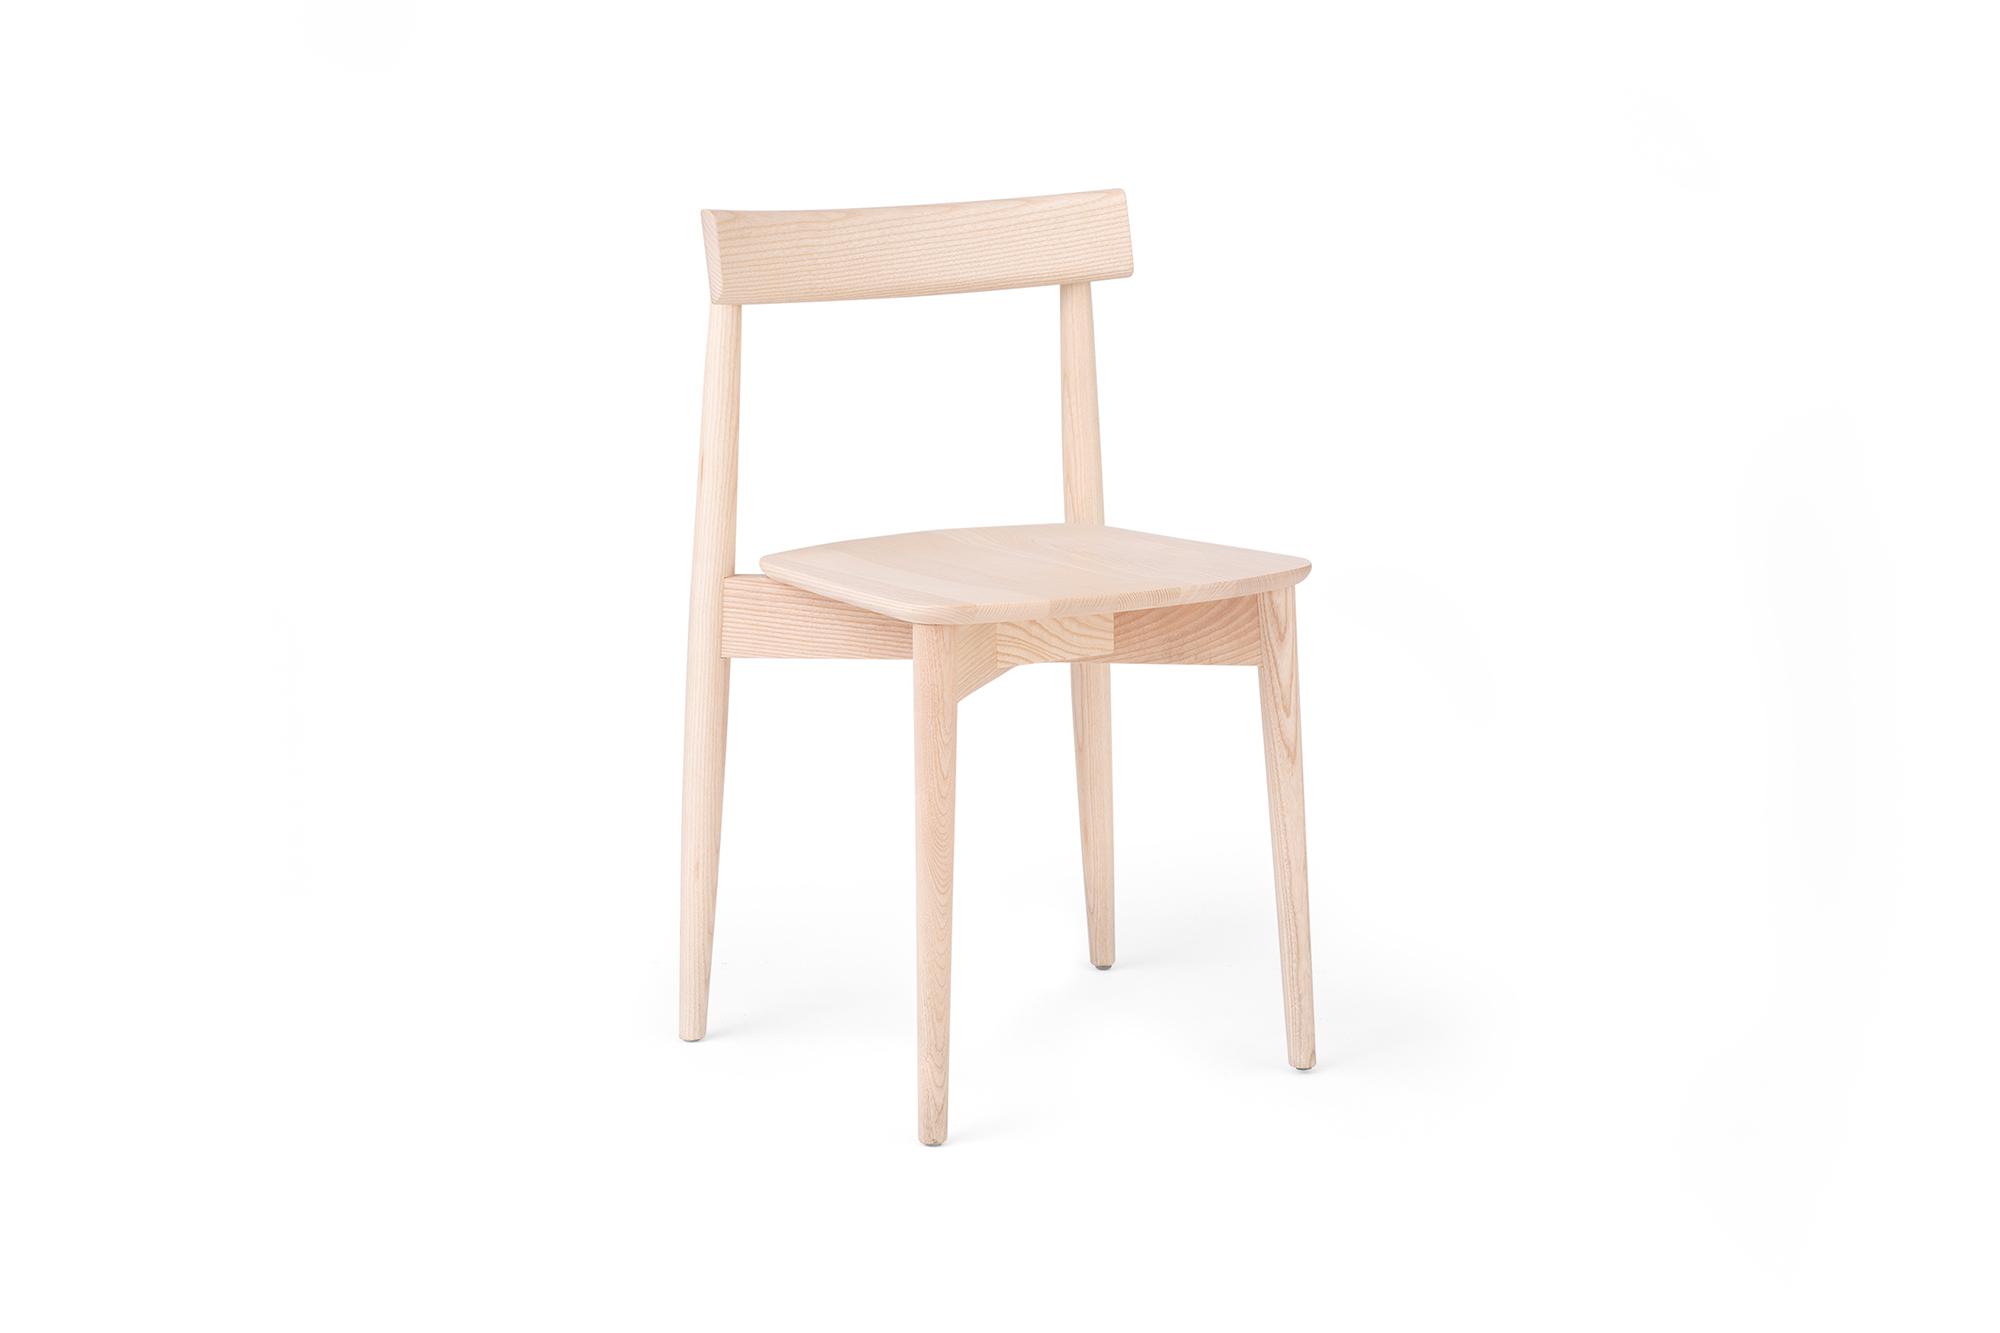 Lara Stacking Chair